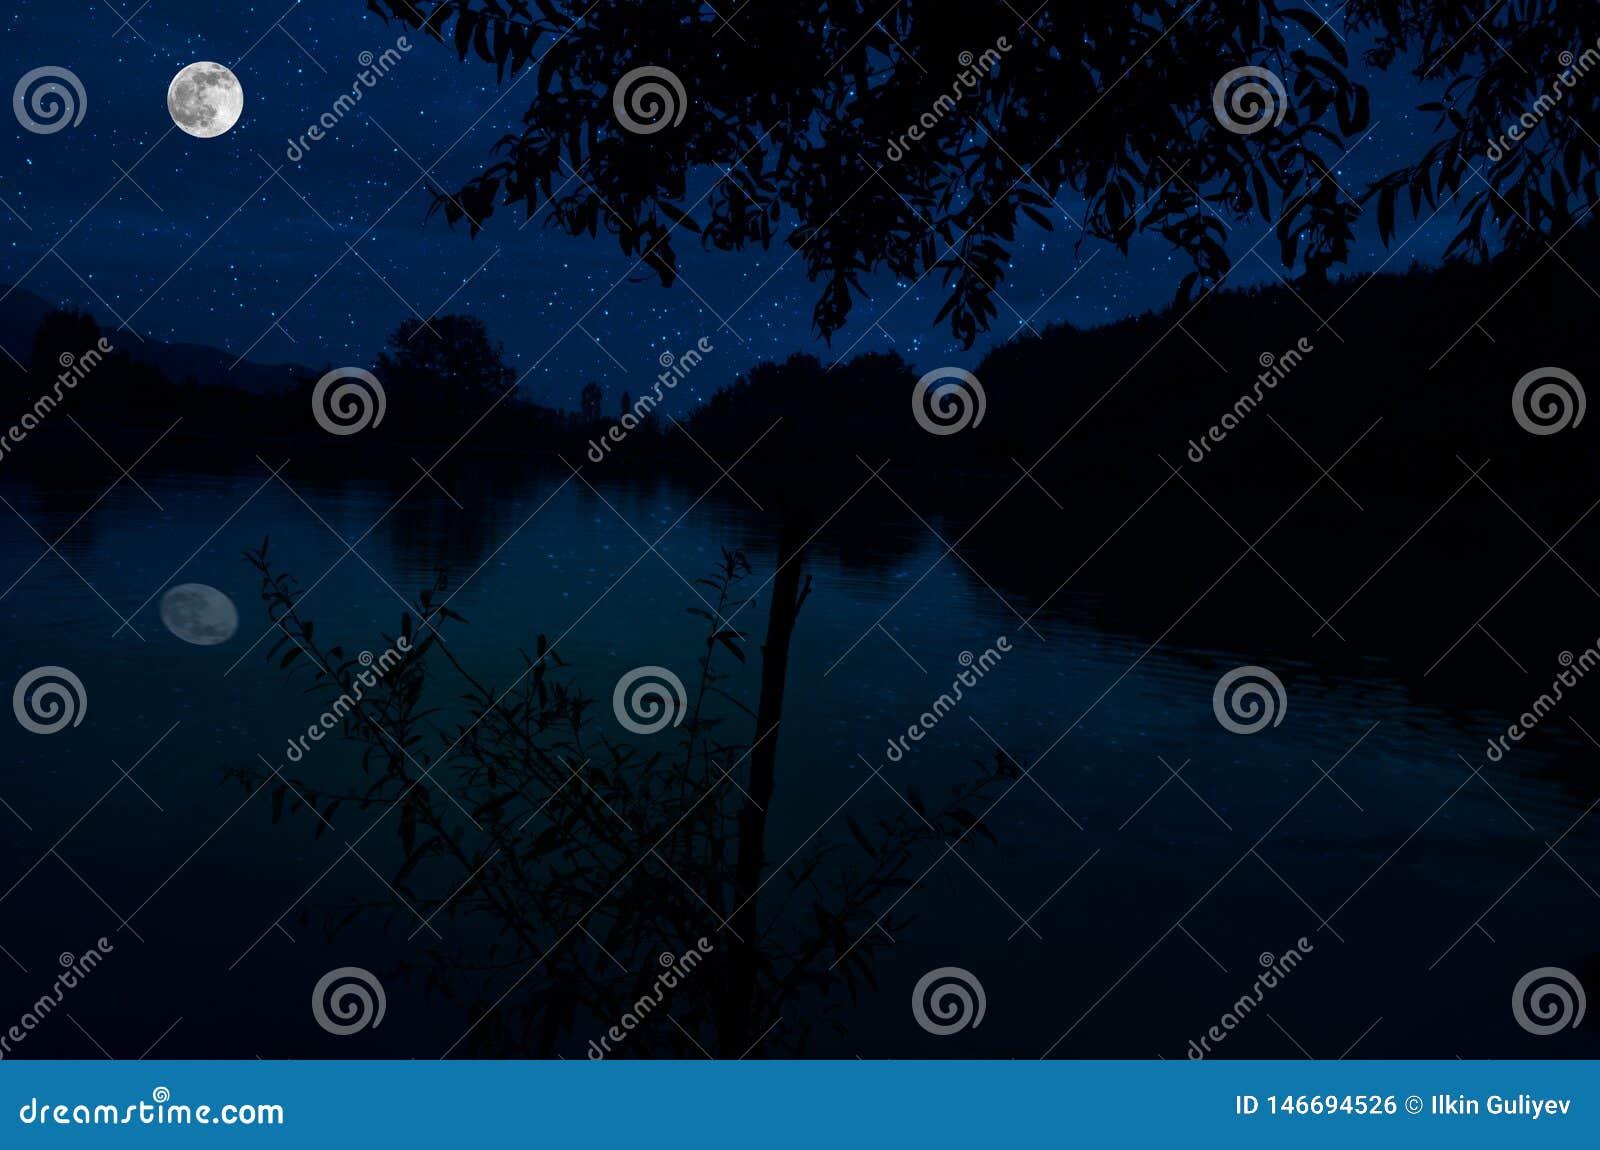 Denna dramatiska m?nel?nef?rh?jning i en djupbl? nattetidhimmel betonas av markerade moln och h?rlig lugna sj?reflexion